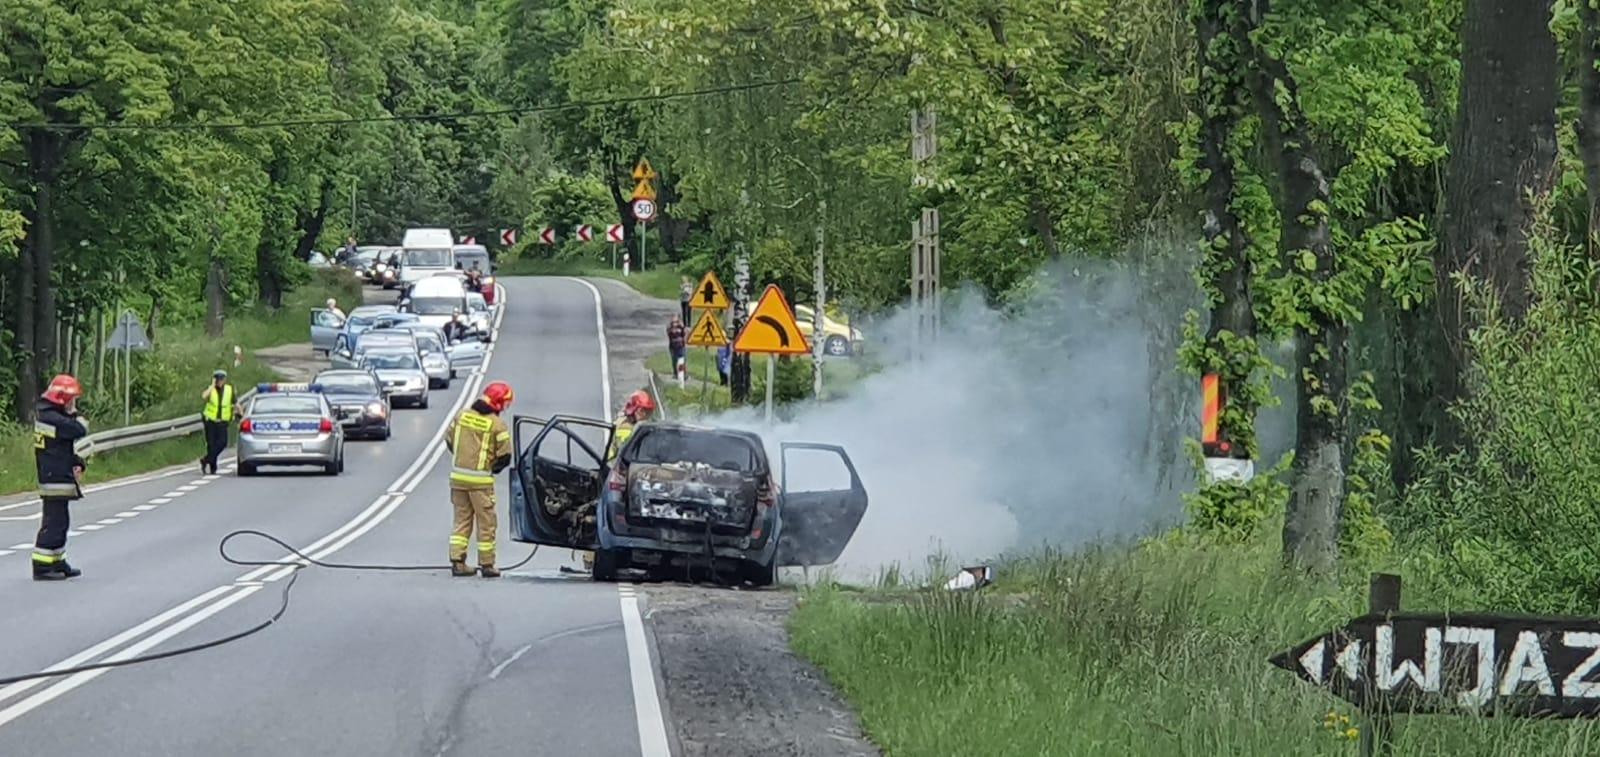 Pożar samochodu na krajówce w Inwałdzie [VIDEO]